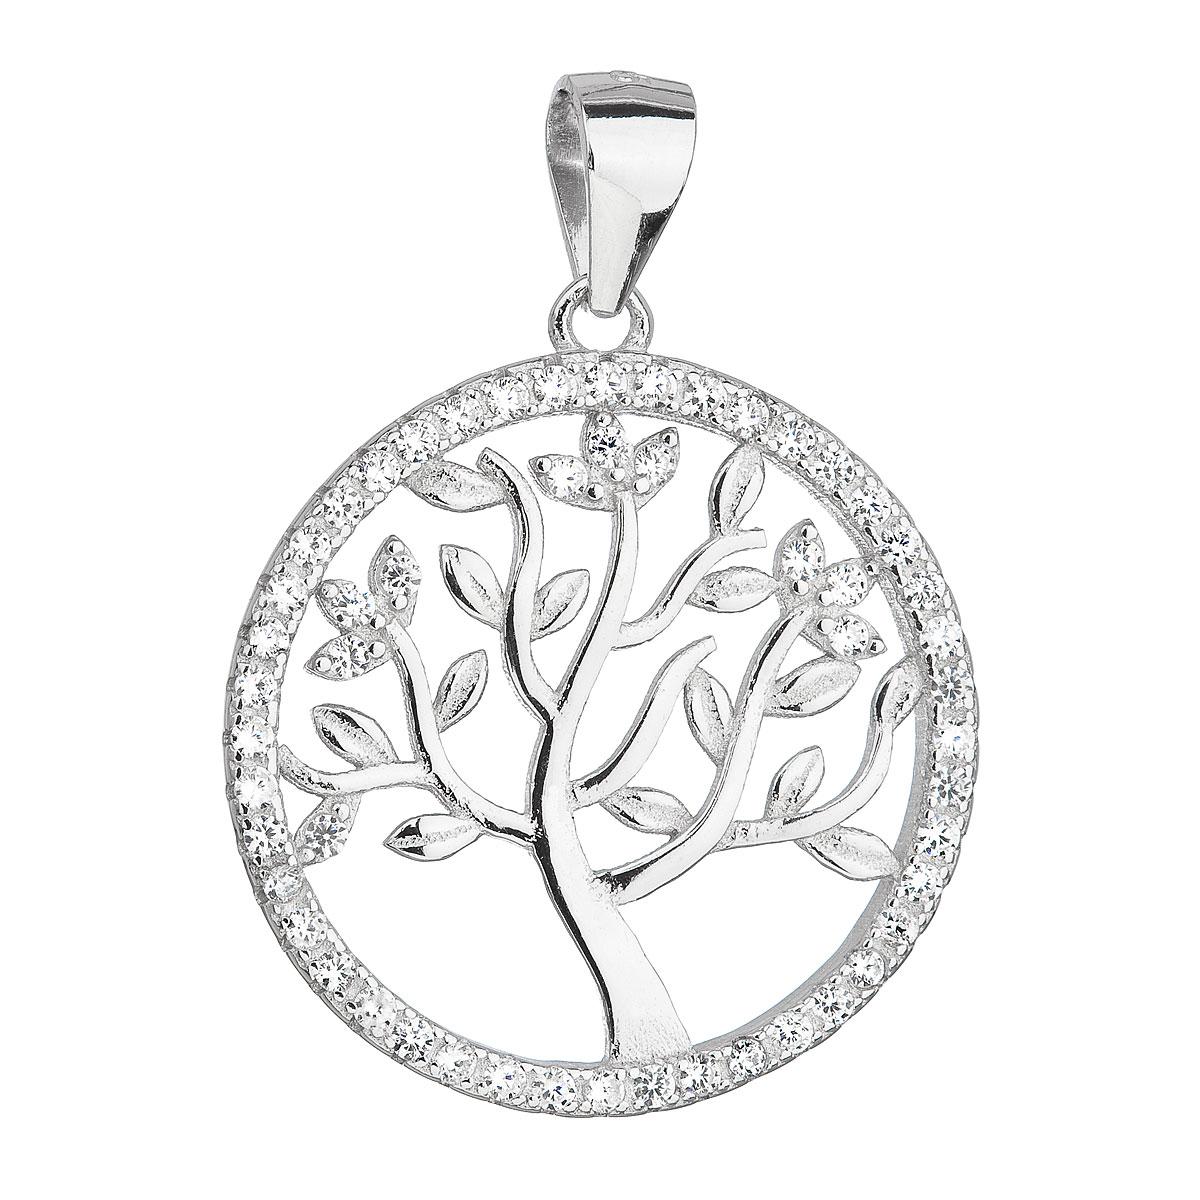 Evolution Group Stříbrný přívěsek se zirkony v bílé barvě strom života 14001.1